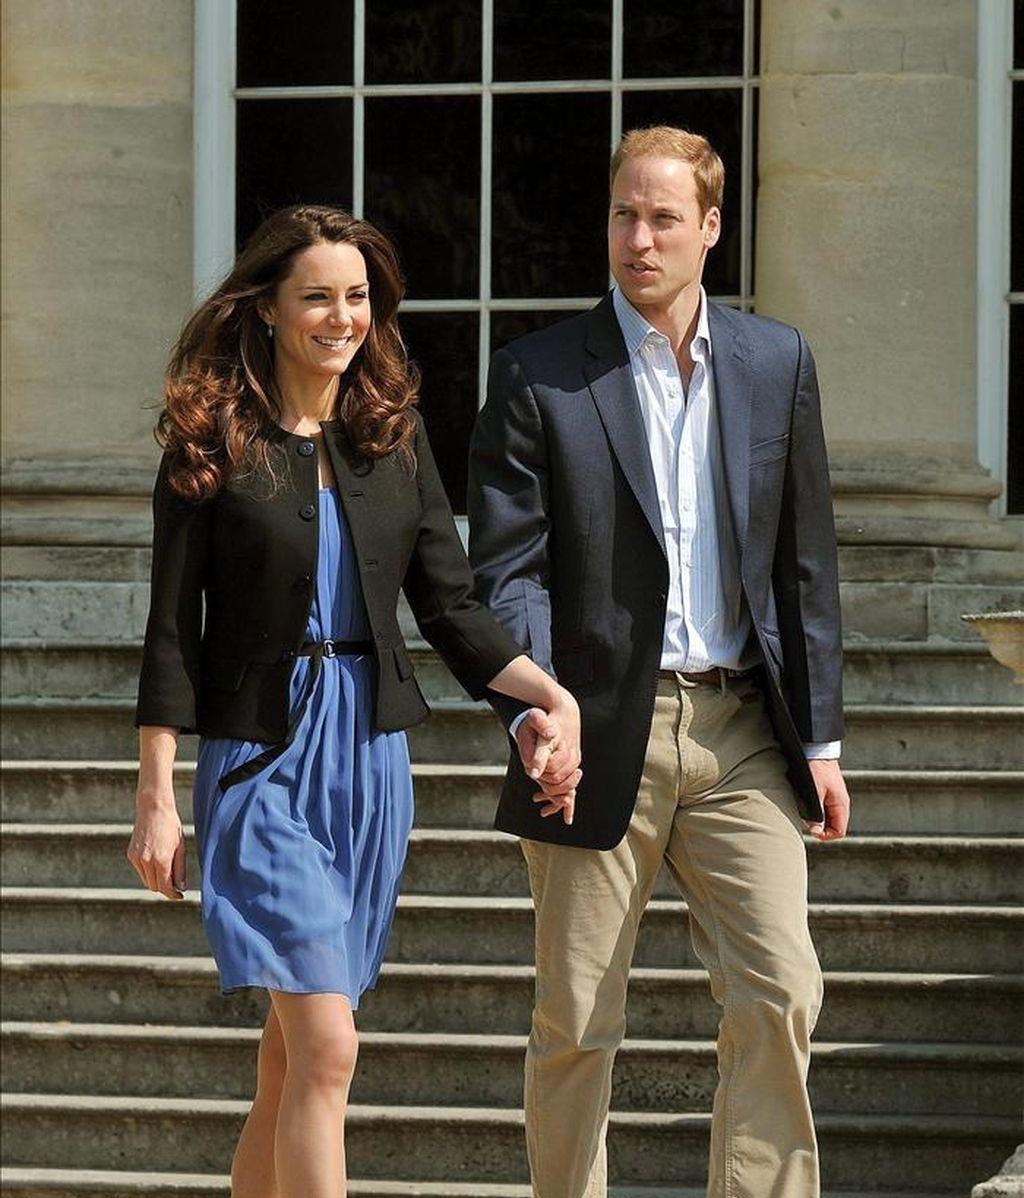 El príncipe Guillermo y Catalina, los nuevos duques de Cambridge, caminan agarrados de la mano el recinto del palacio de Buckingham, en Londres (Reino Unido), el pasado 30 de abril, un día después de su boda. EFE/Archivo